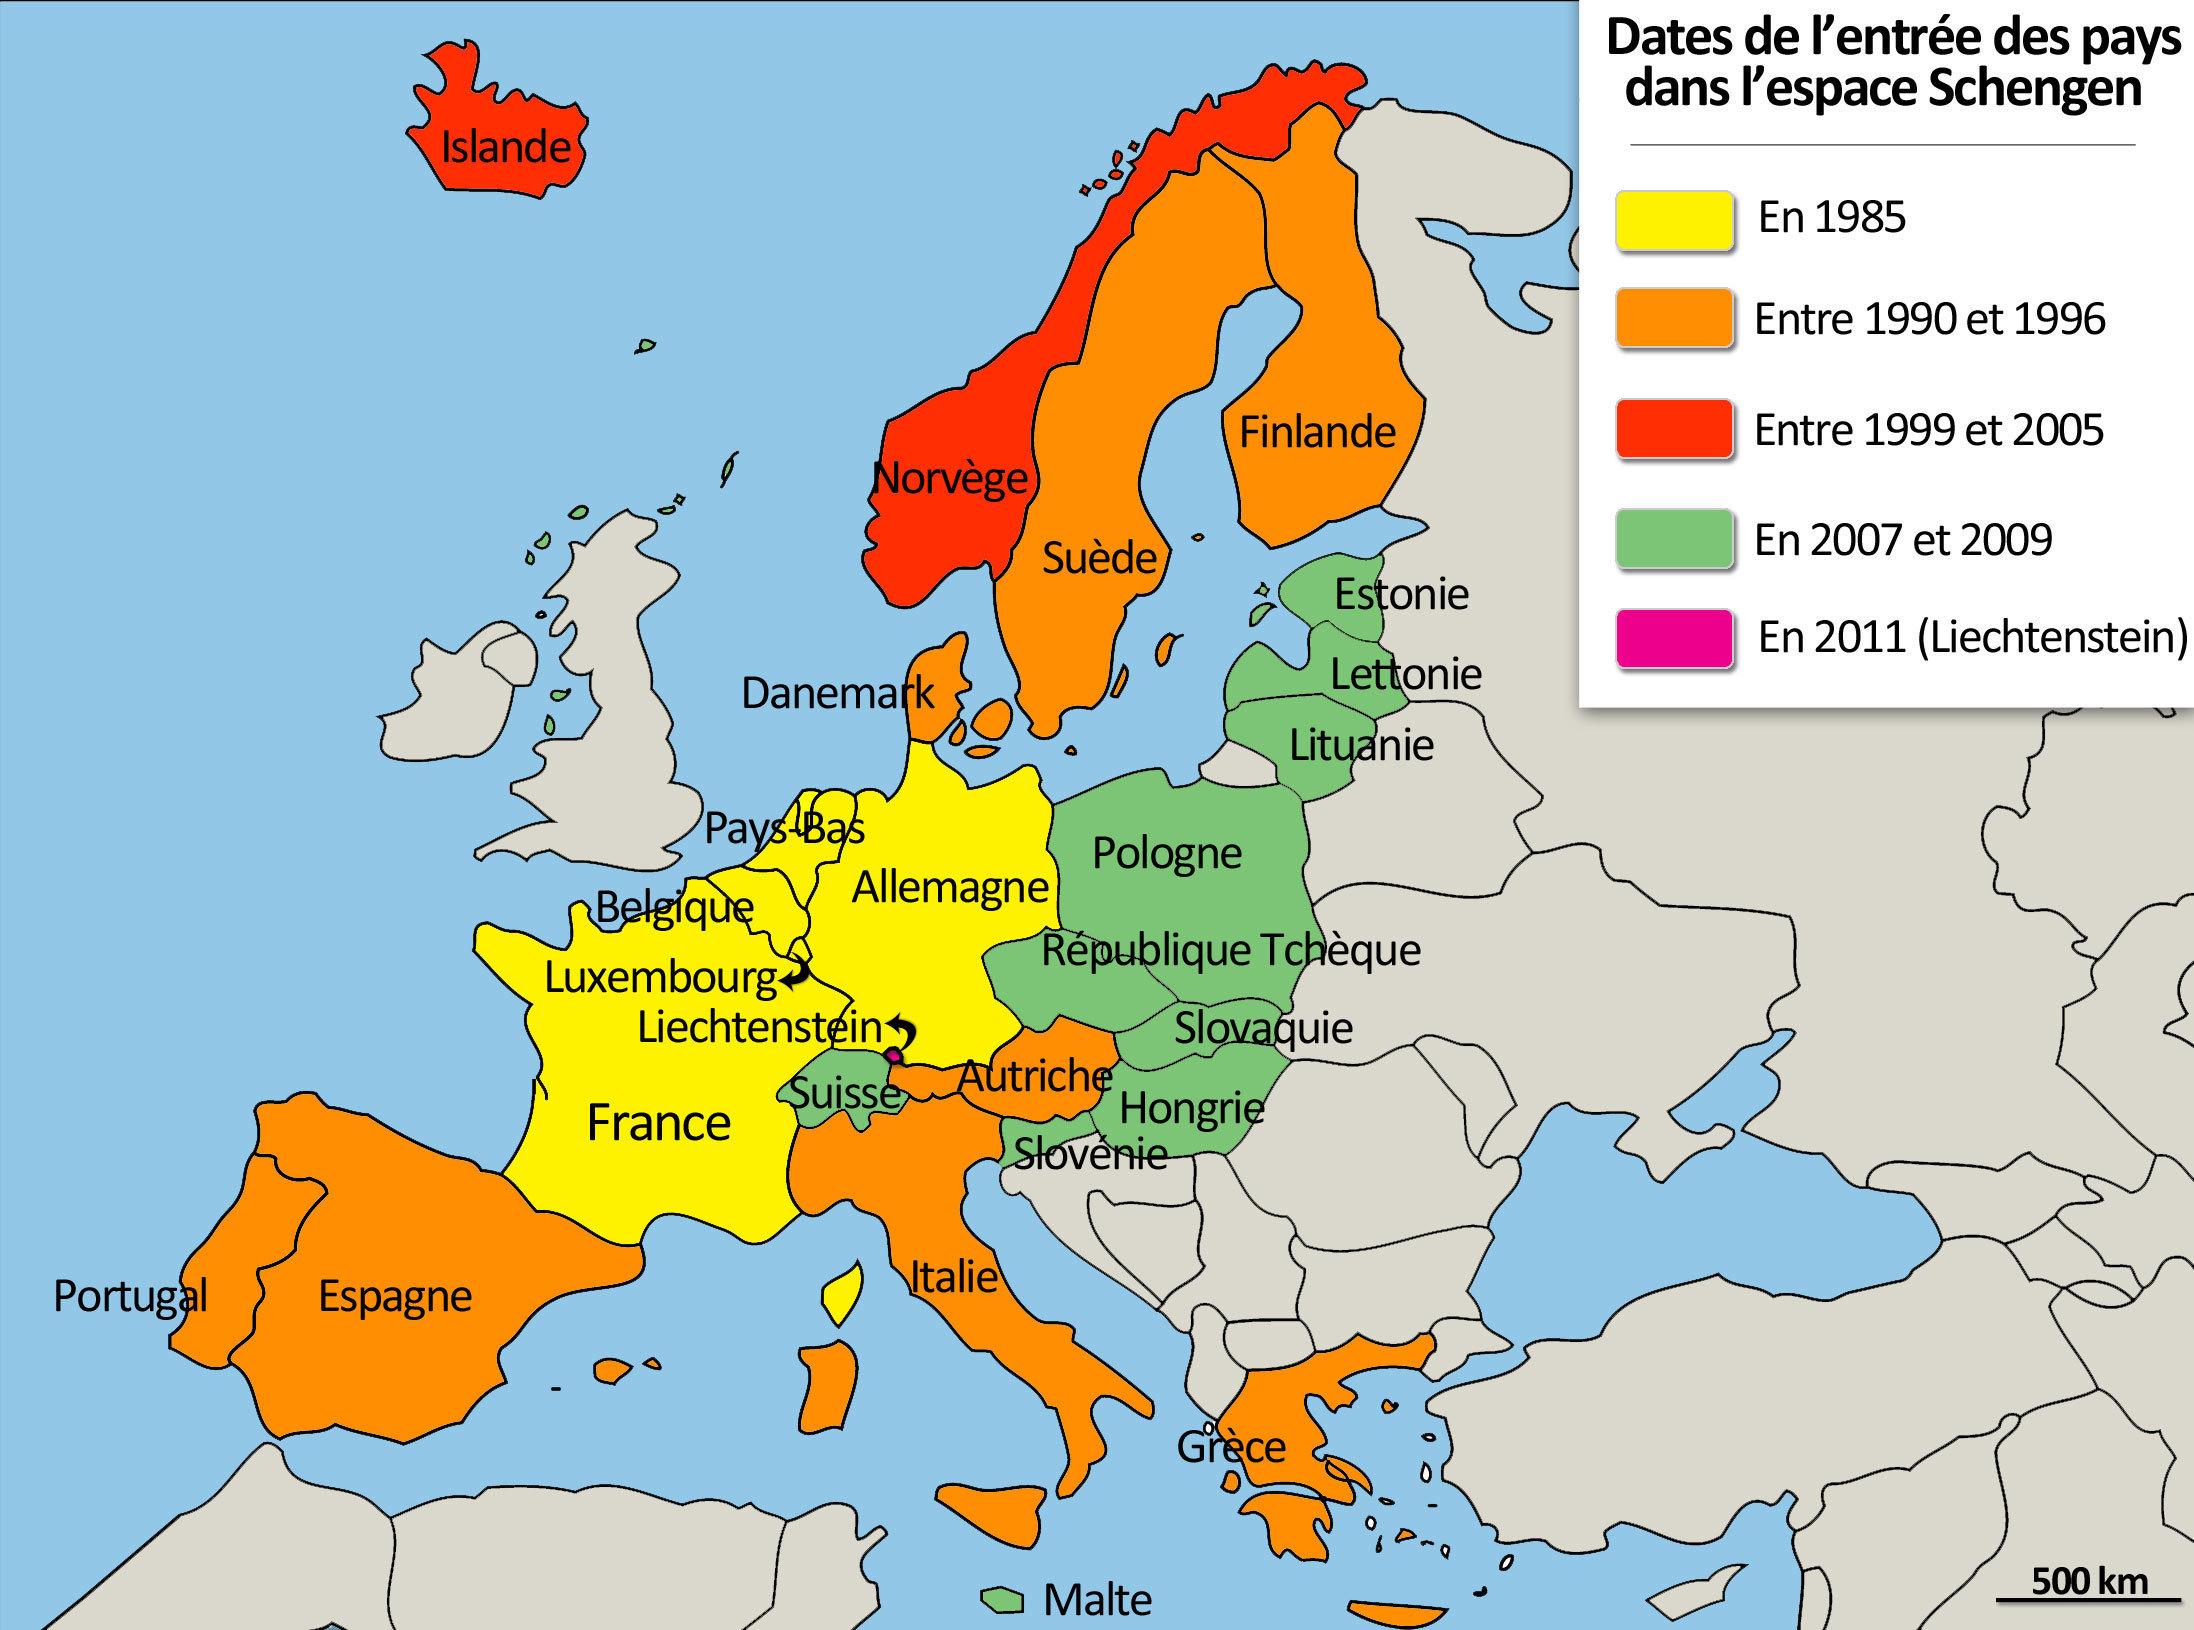 Bonsoir, J'ai Vraiment Besoin De Votre Aide Seulement Pour concernant Carte De L Europe Et Capitale